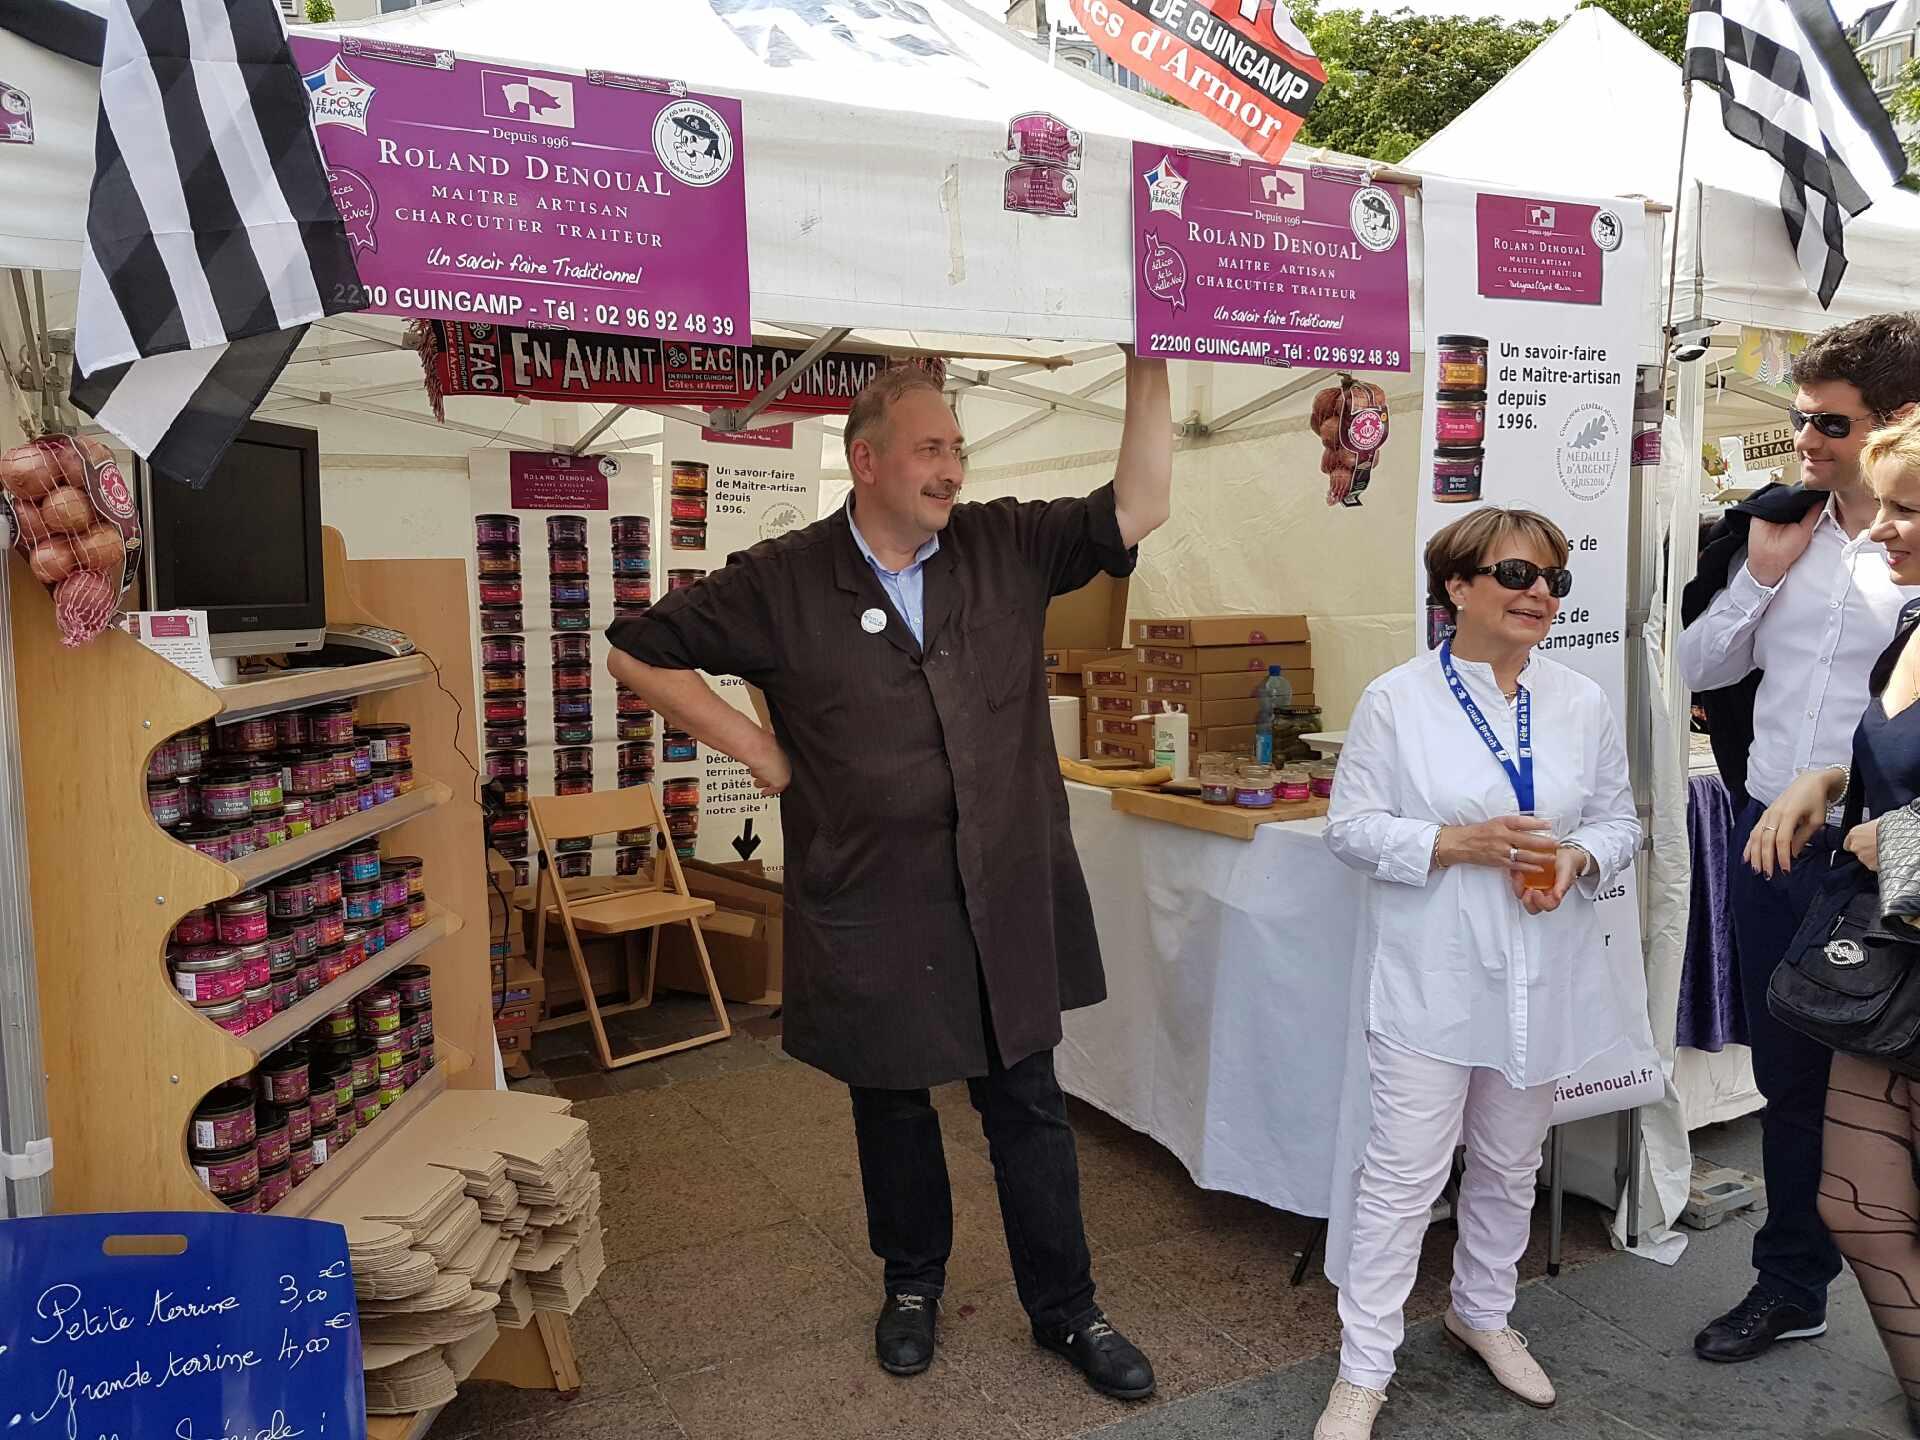 M et Mme Denoual à la Fête de la Bretagne de l'association Paris Breton 2016